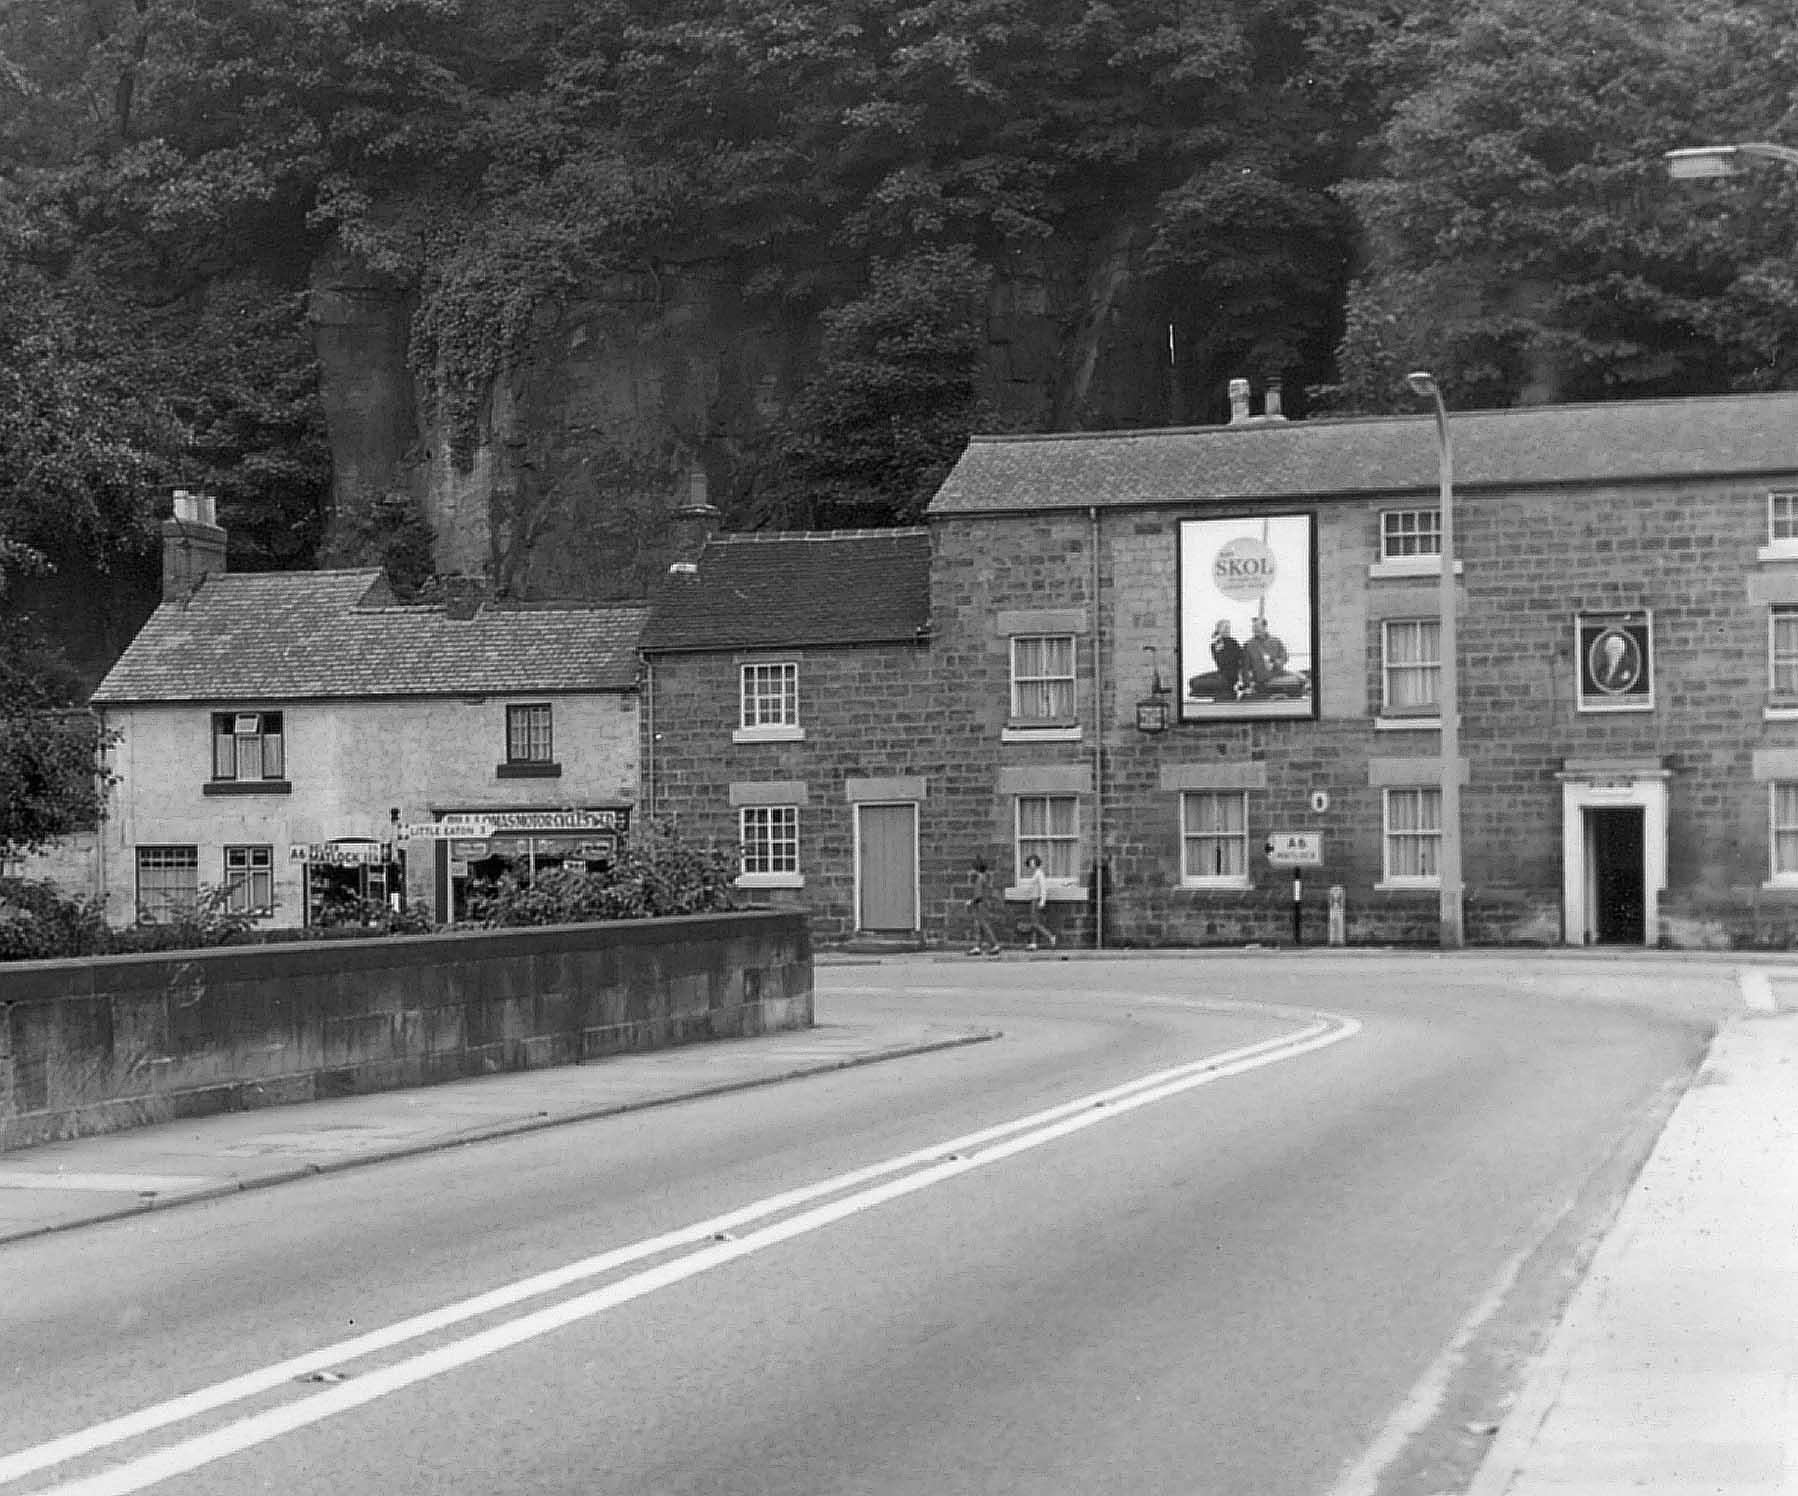 King William Pub in 1950s